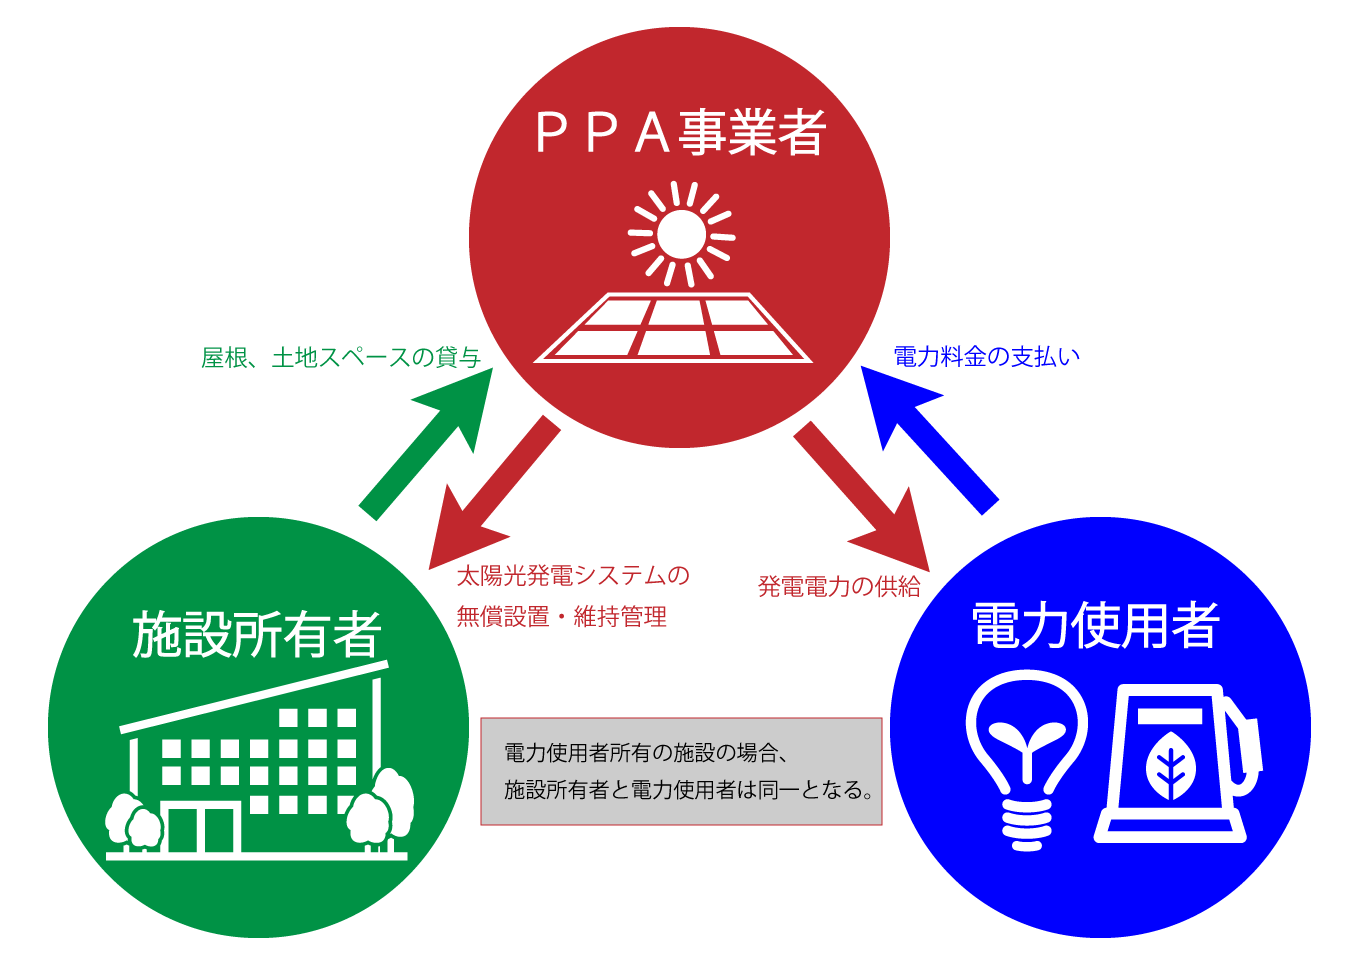 PPAモデルの図解